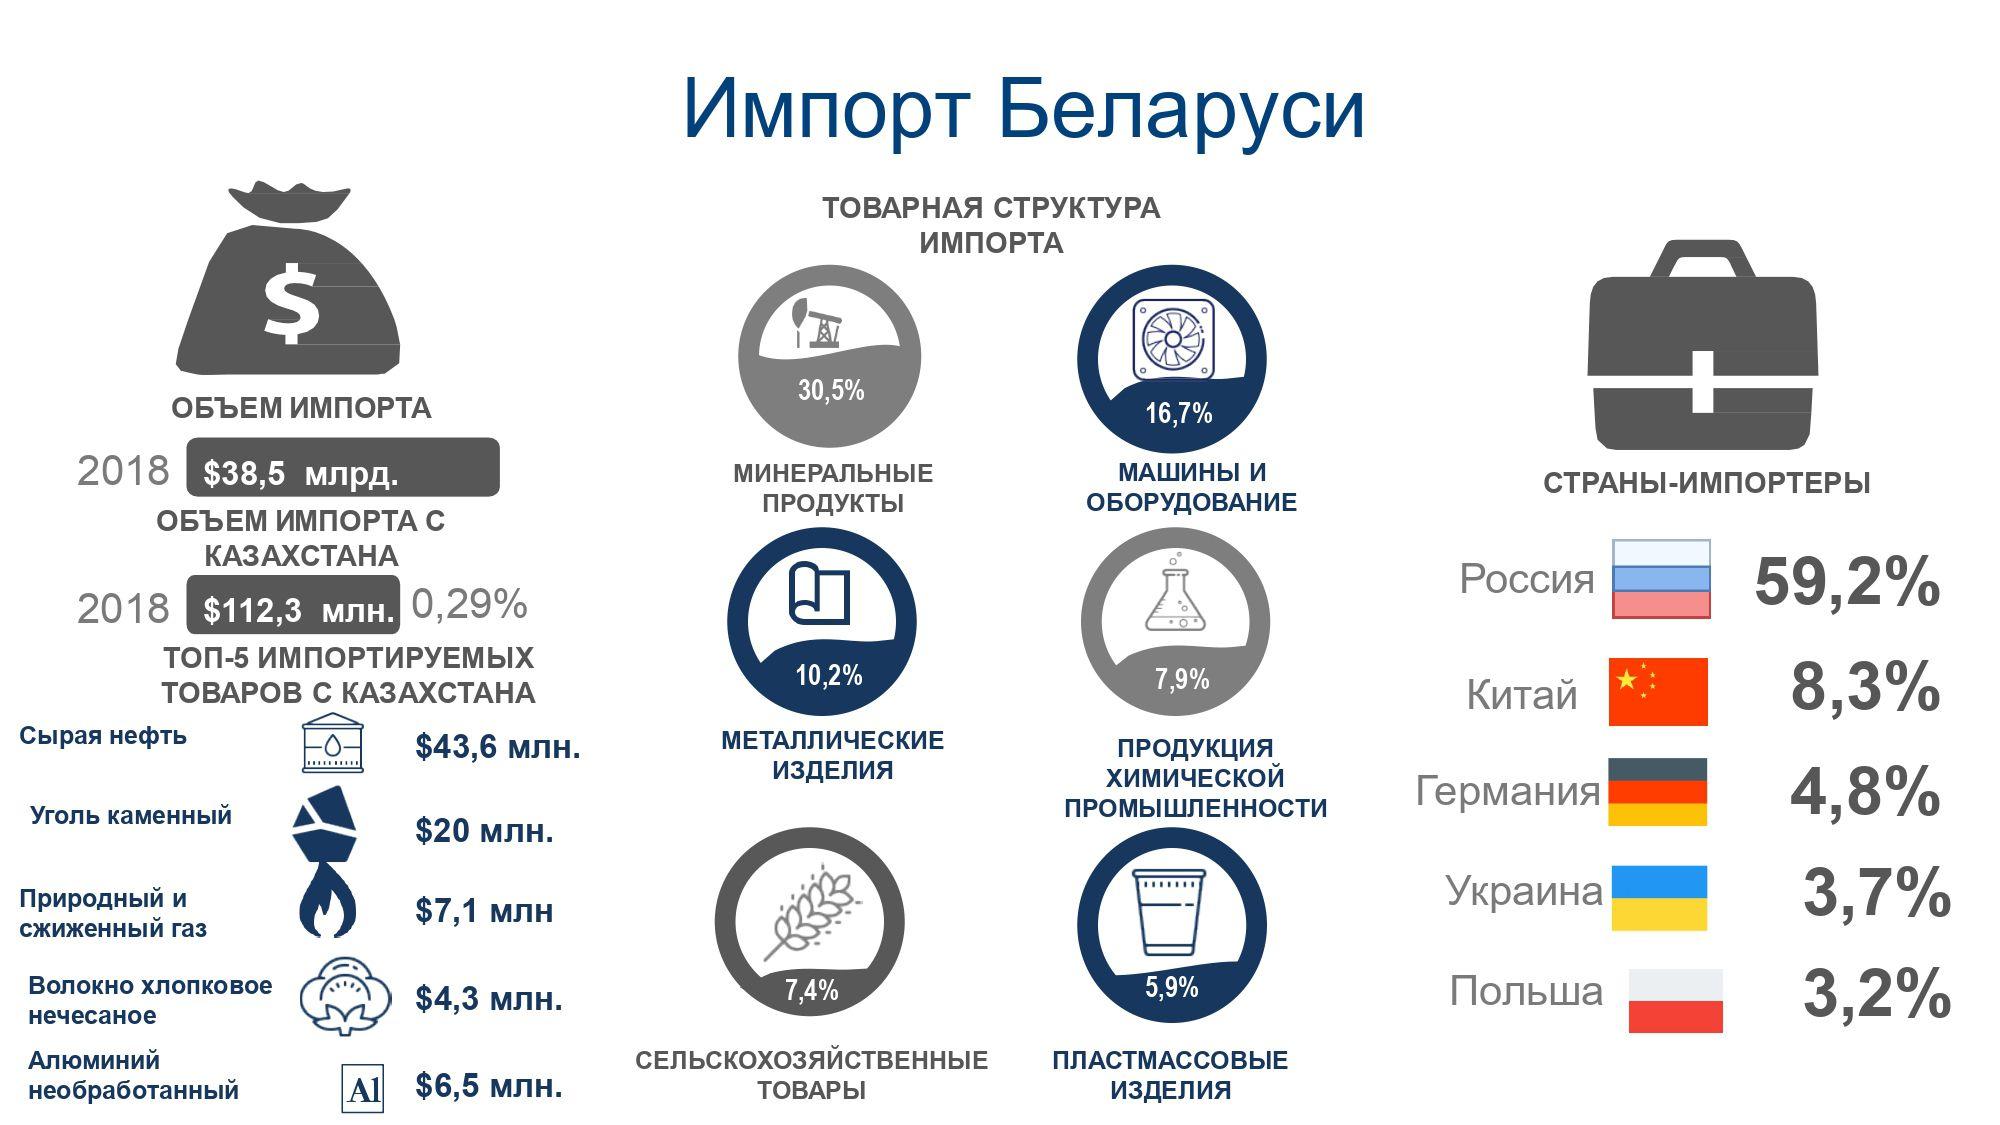 Остались ли в Алматы пустующие ниши для бизнеса? 173127 - Kapital.kz